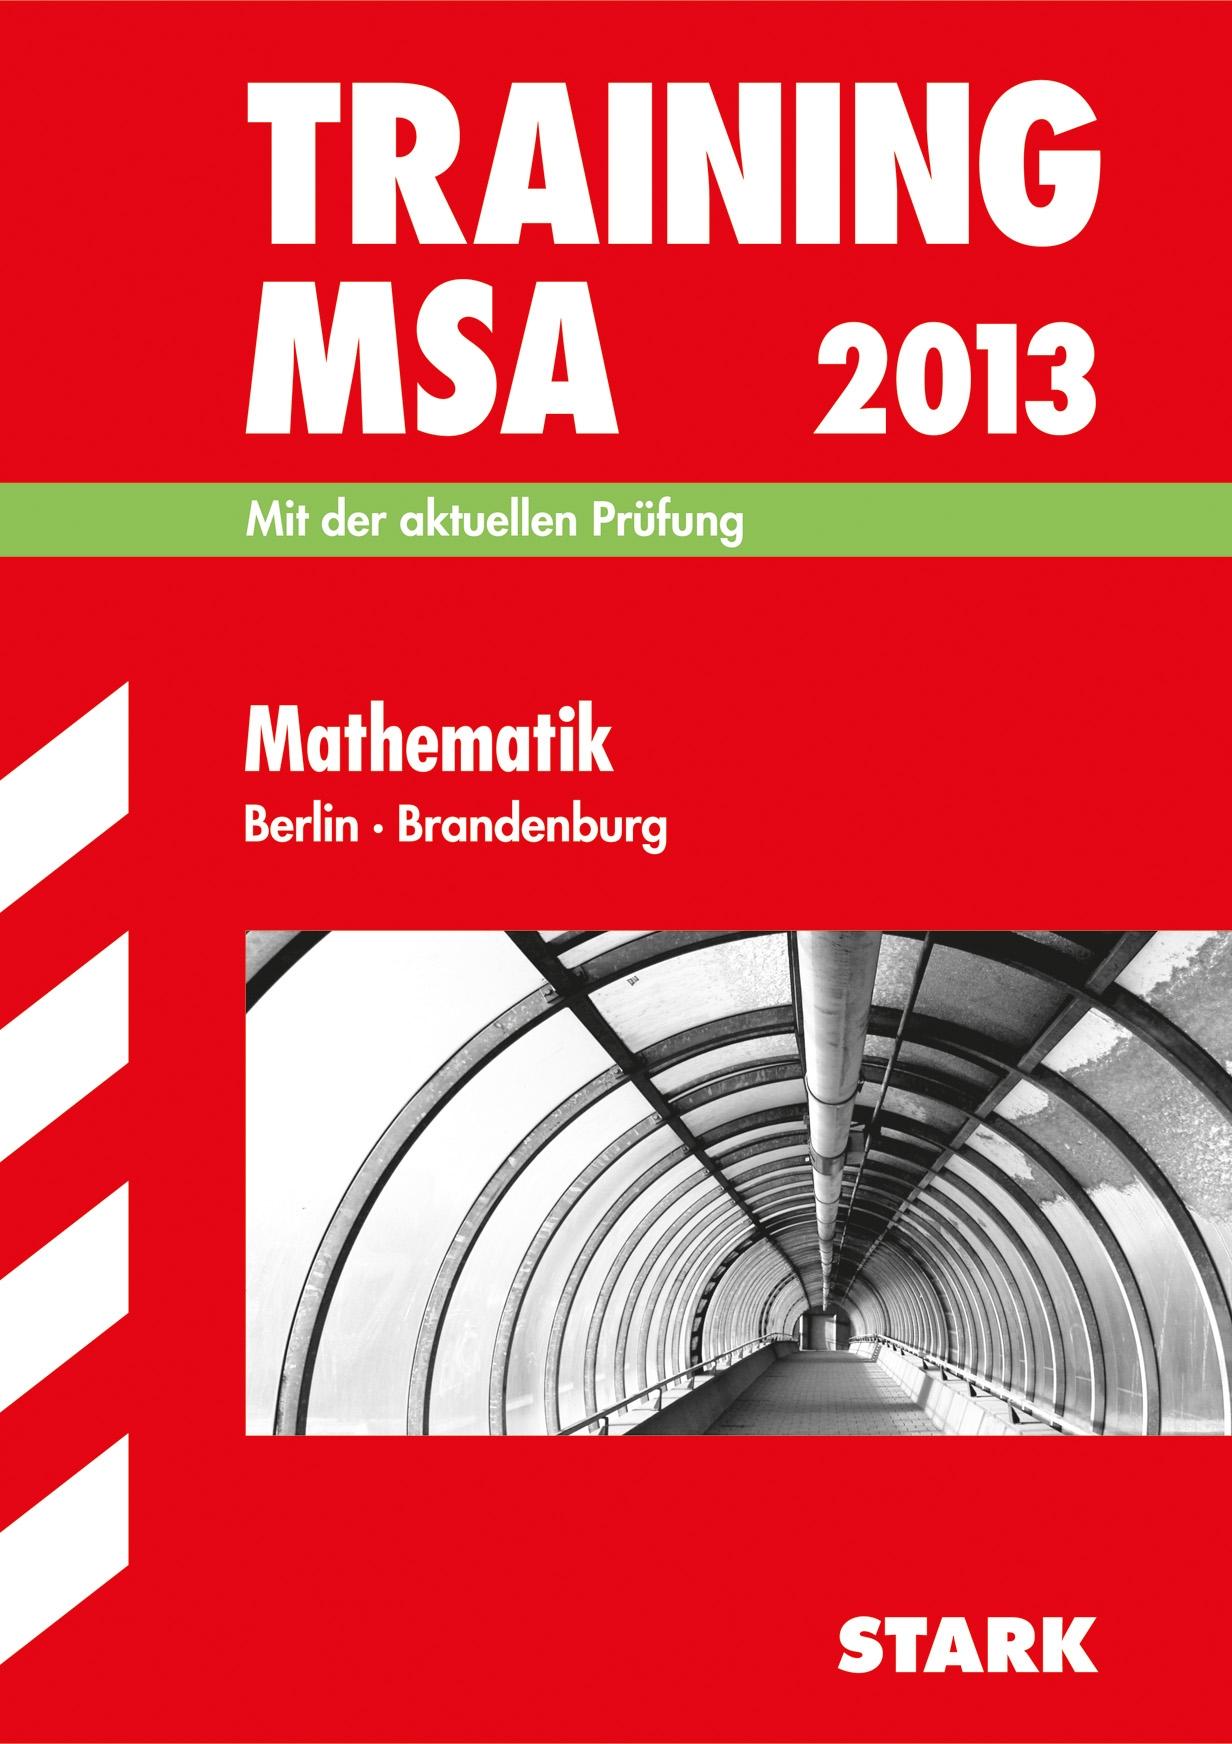 Training Mittlerer Schulabschluss Berlin-Brandenburg; Training MSA Mathematik 2013; Mit der aktuellen Prüfung